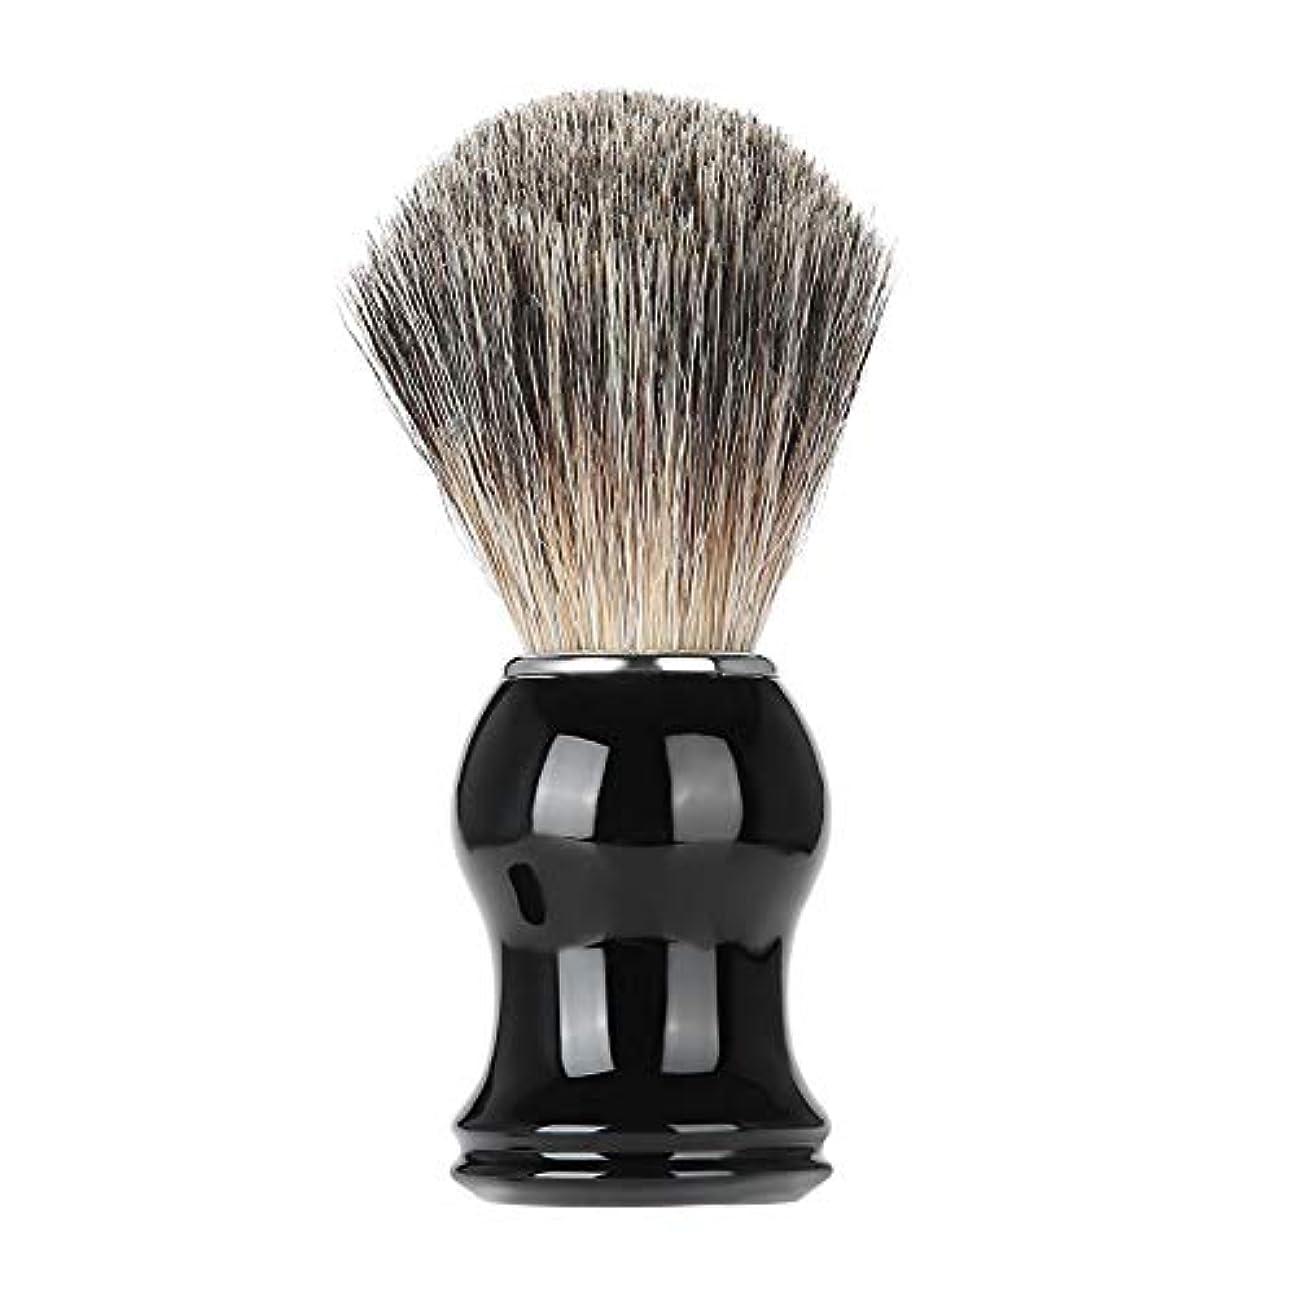 細い小切手優しいシェービングブラシ男性髭口ひげ剃毛ブラシ樹脂ハンドル髭剃りツール